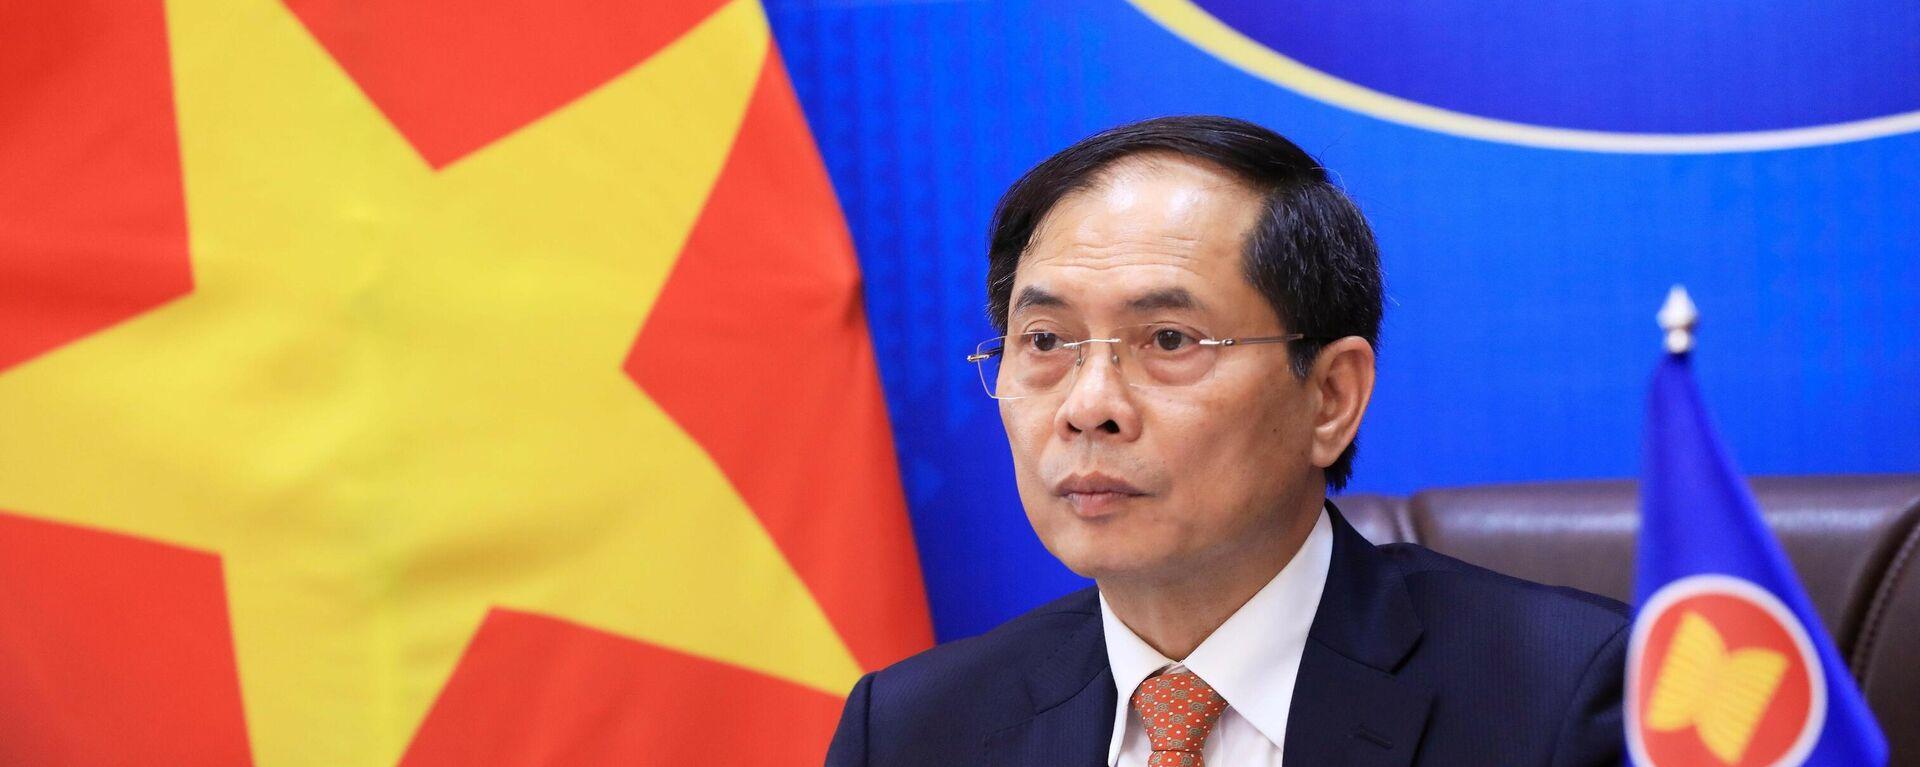 Bộ trưởng Ngoại giao Bùi Thanh Sơn dự Hội nghị Bộ trưởng Ngoại giao ASEAN. - Sputnik Việt Nam, 1920, 05.10.2021